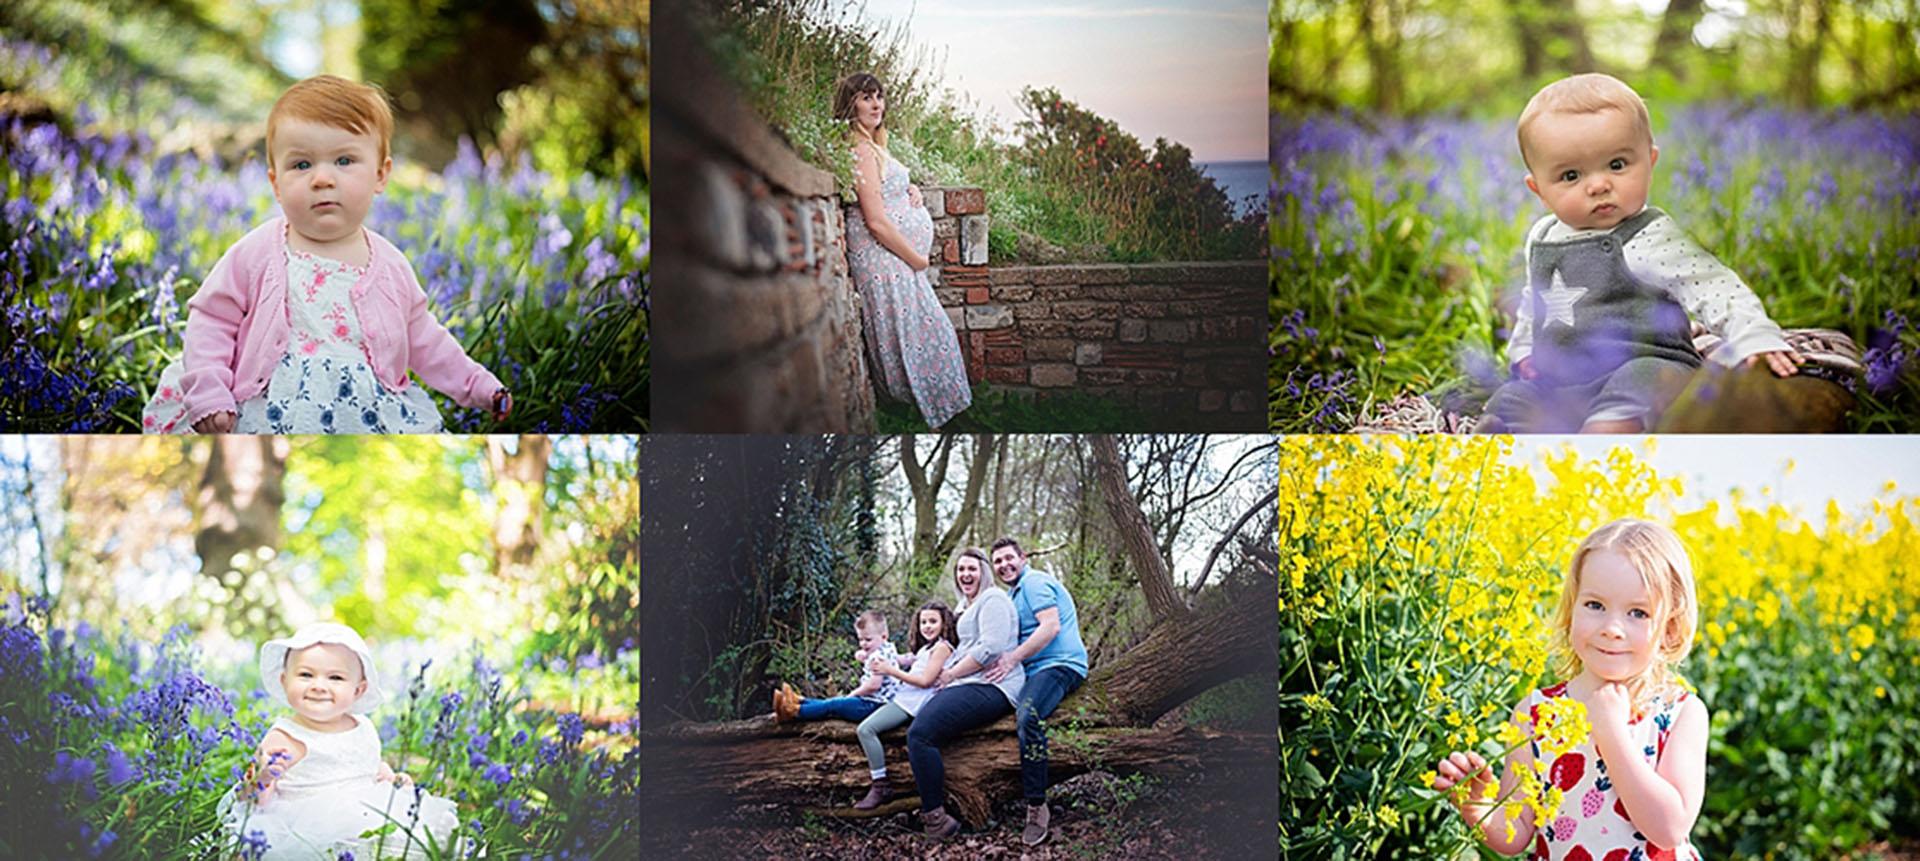 Natasha Louise Photography 's main image